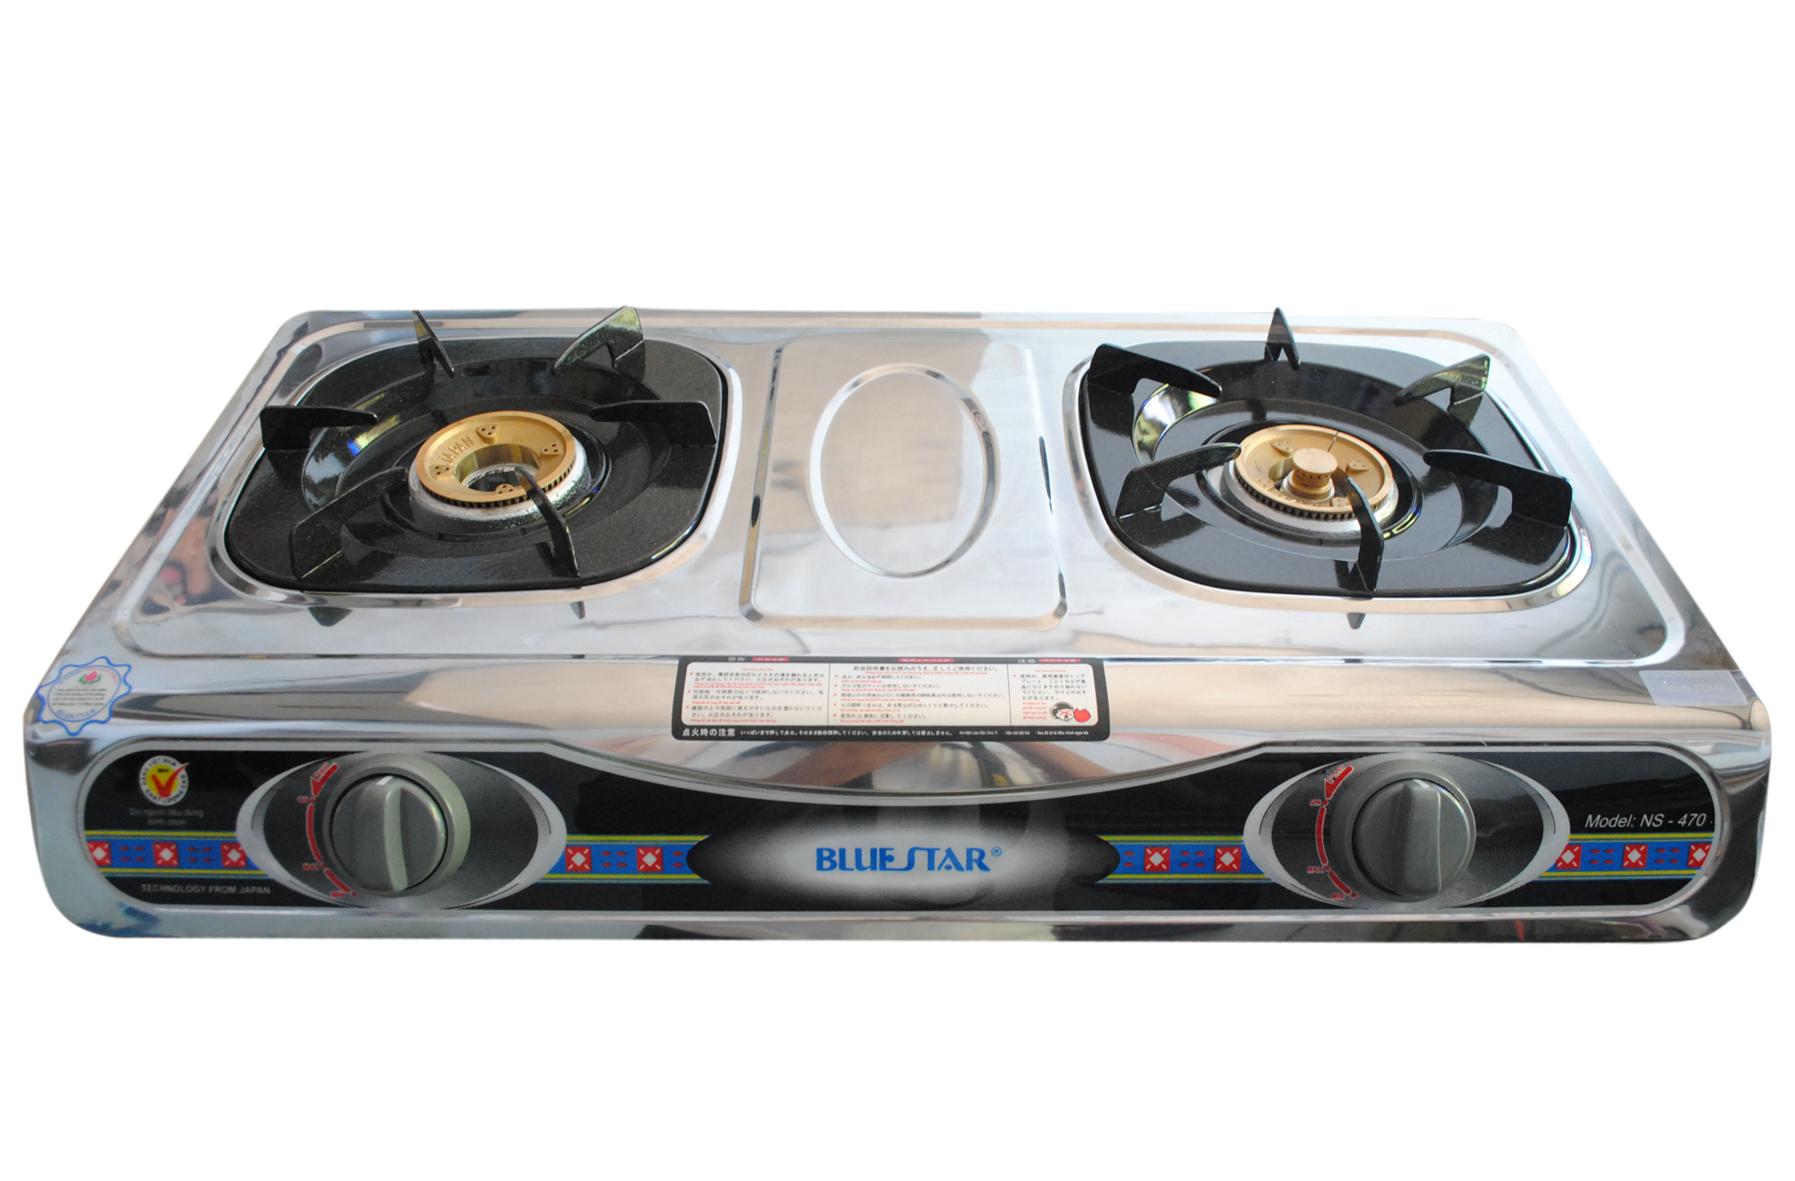 Bộ 2 kiềng bếp gas đa năng, sử dụng cho tất cả các dòng bếp gas mặt inox phổ thông